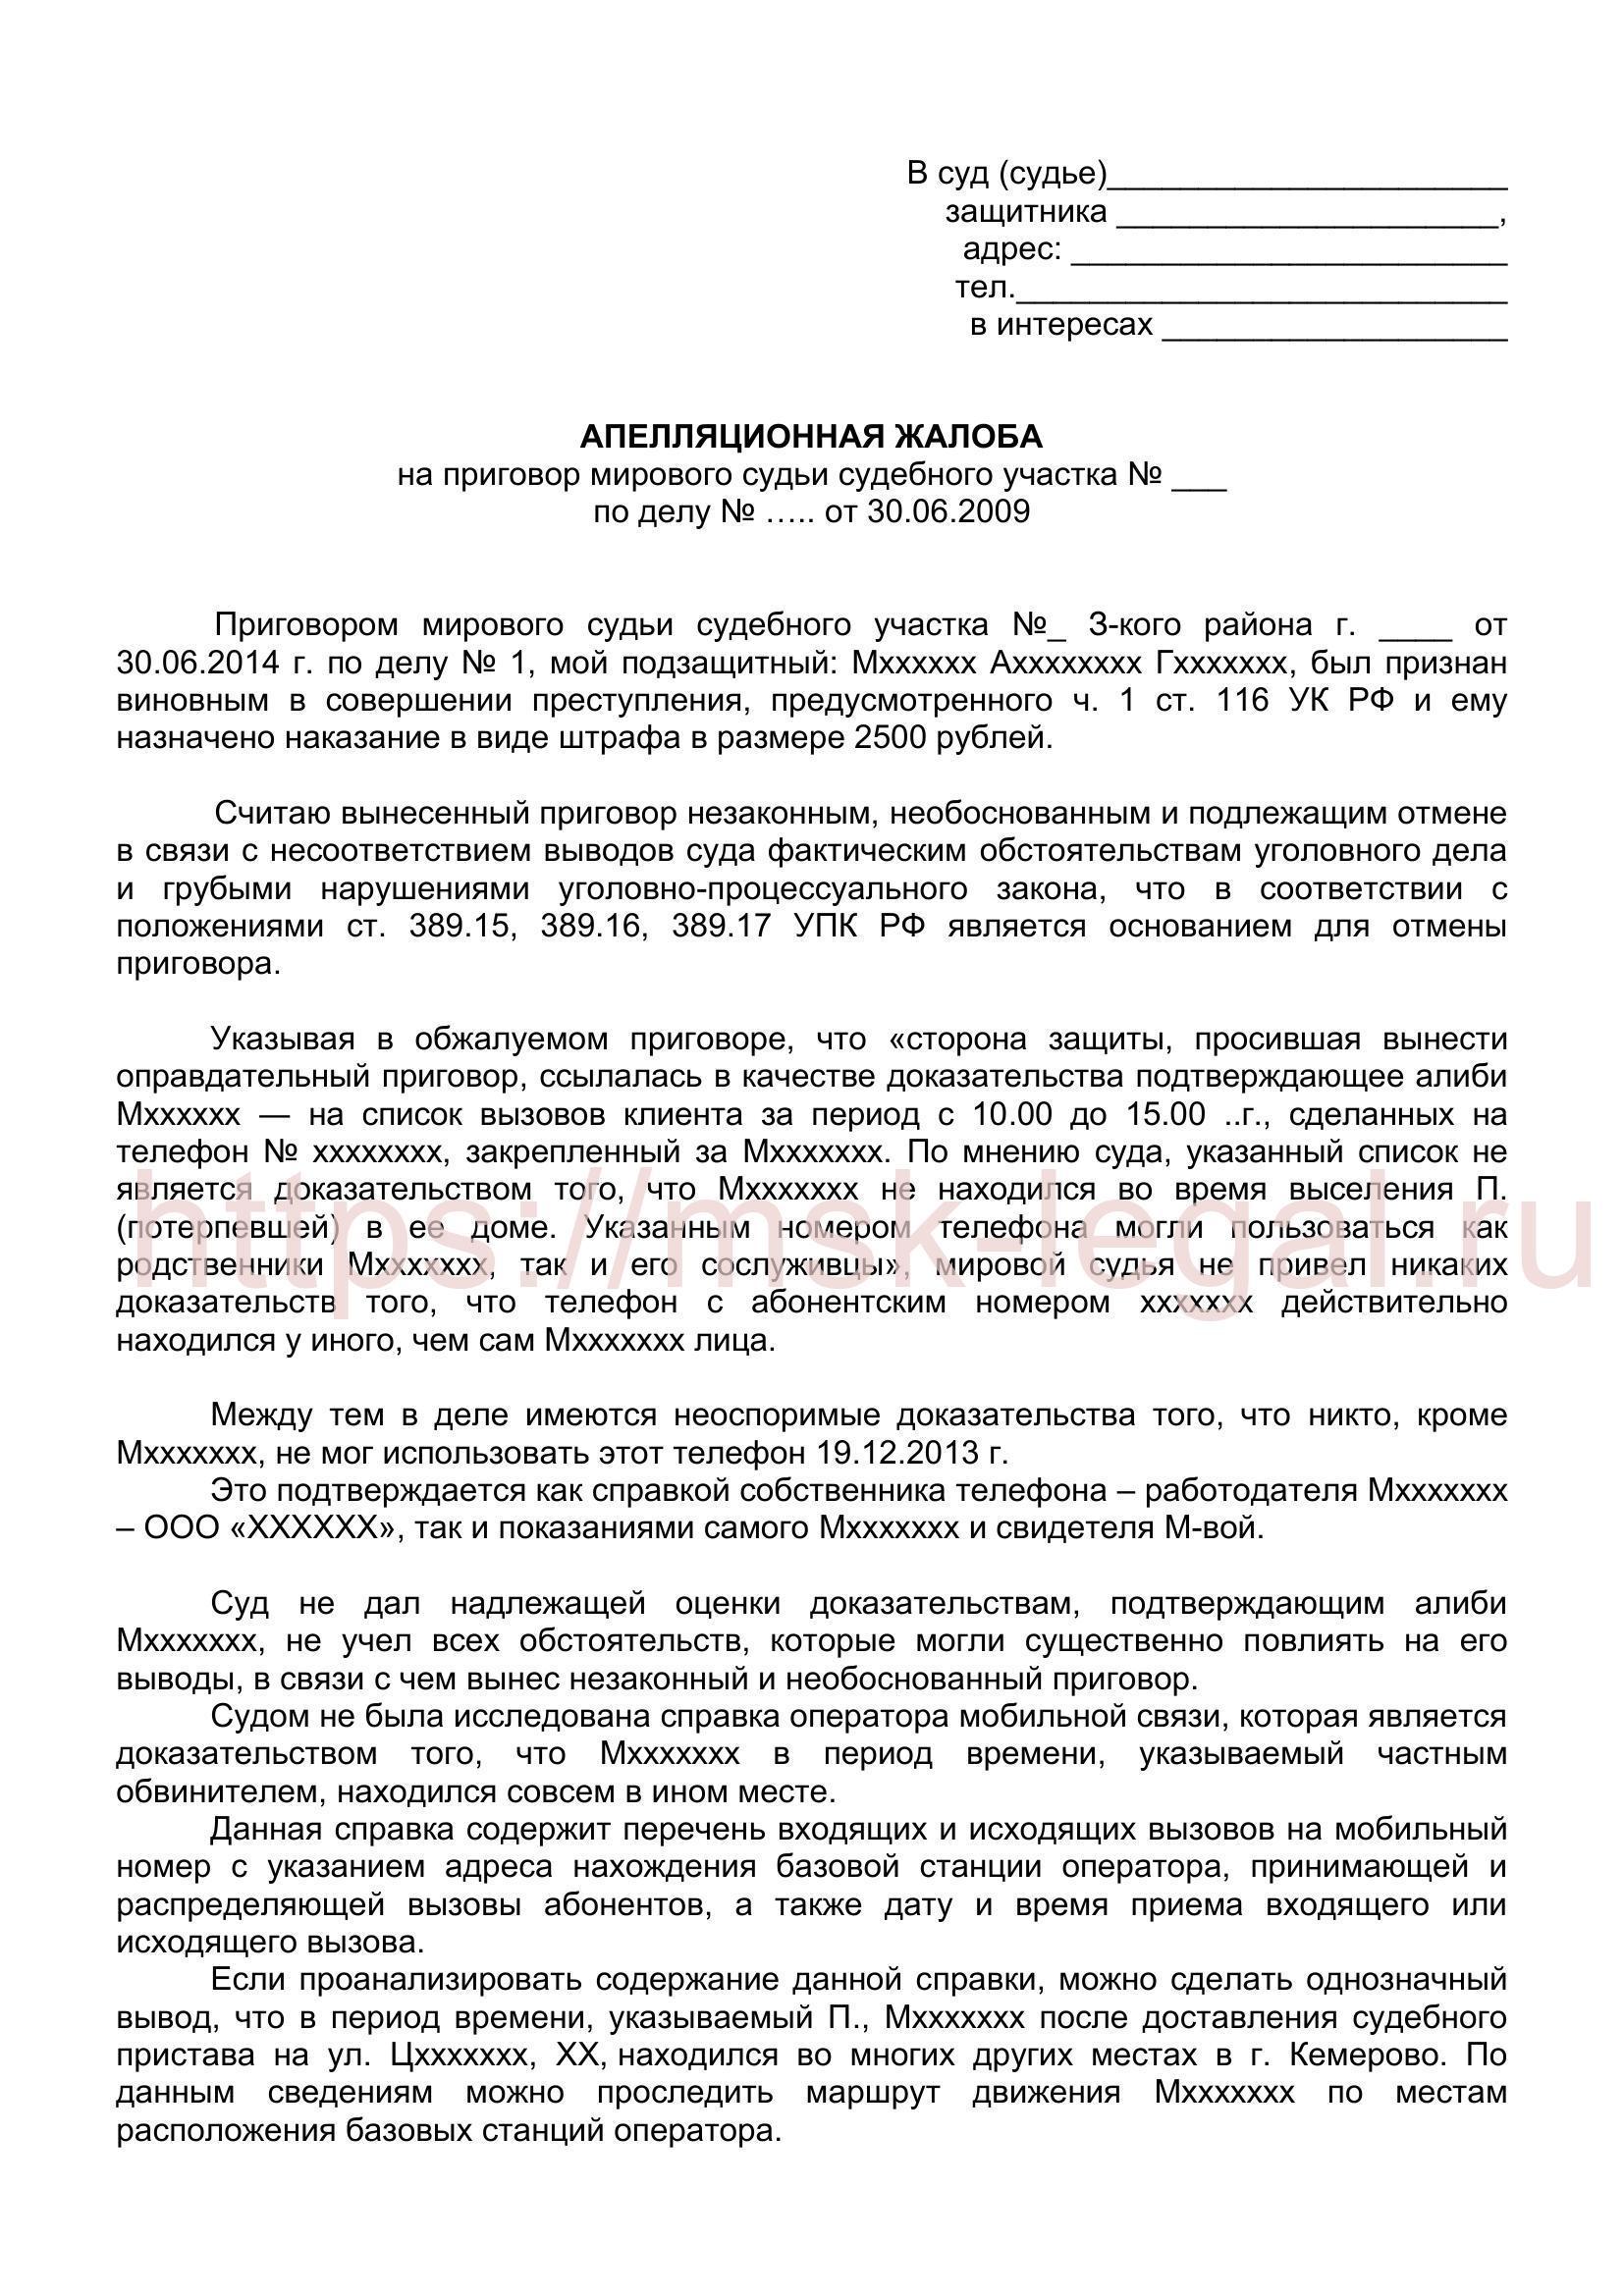 Жалоба на приговор мирового судьи по ст. 116 УК РФ